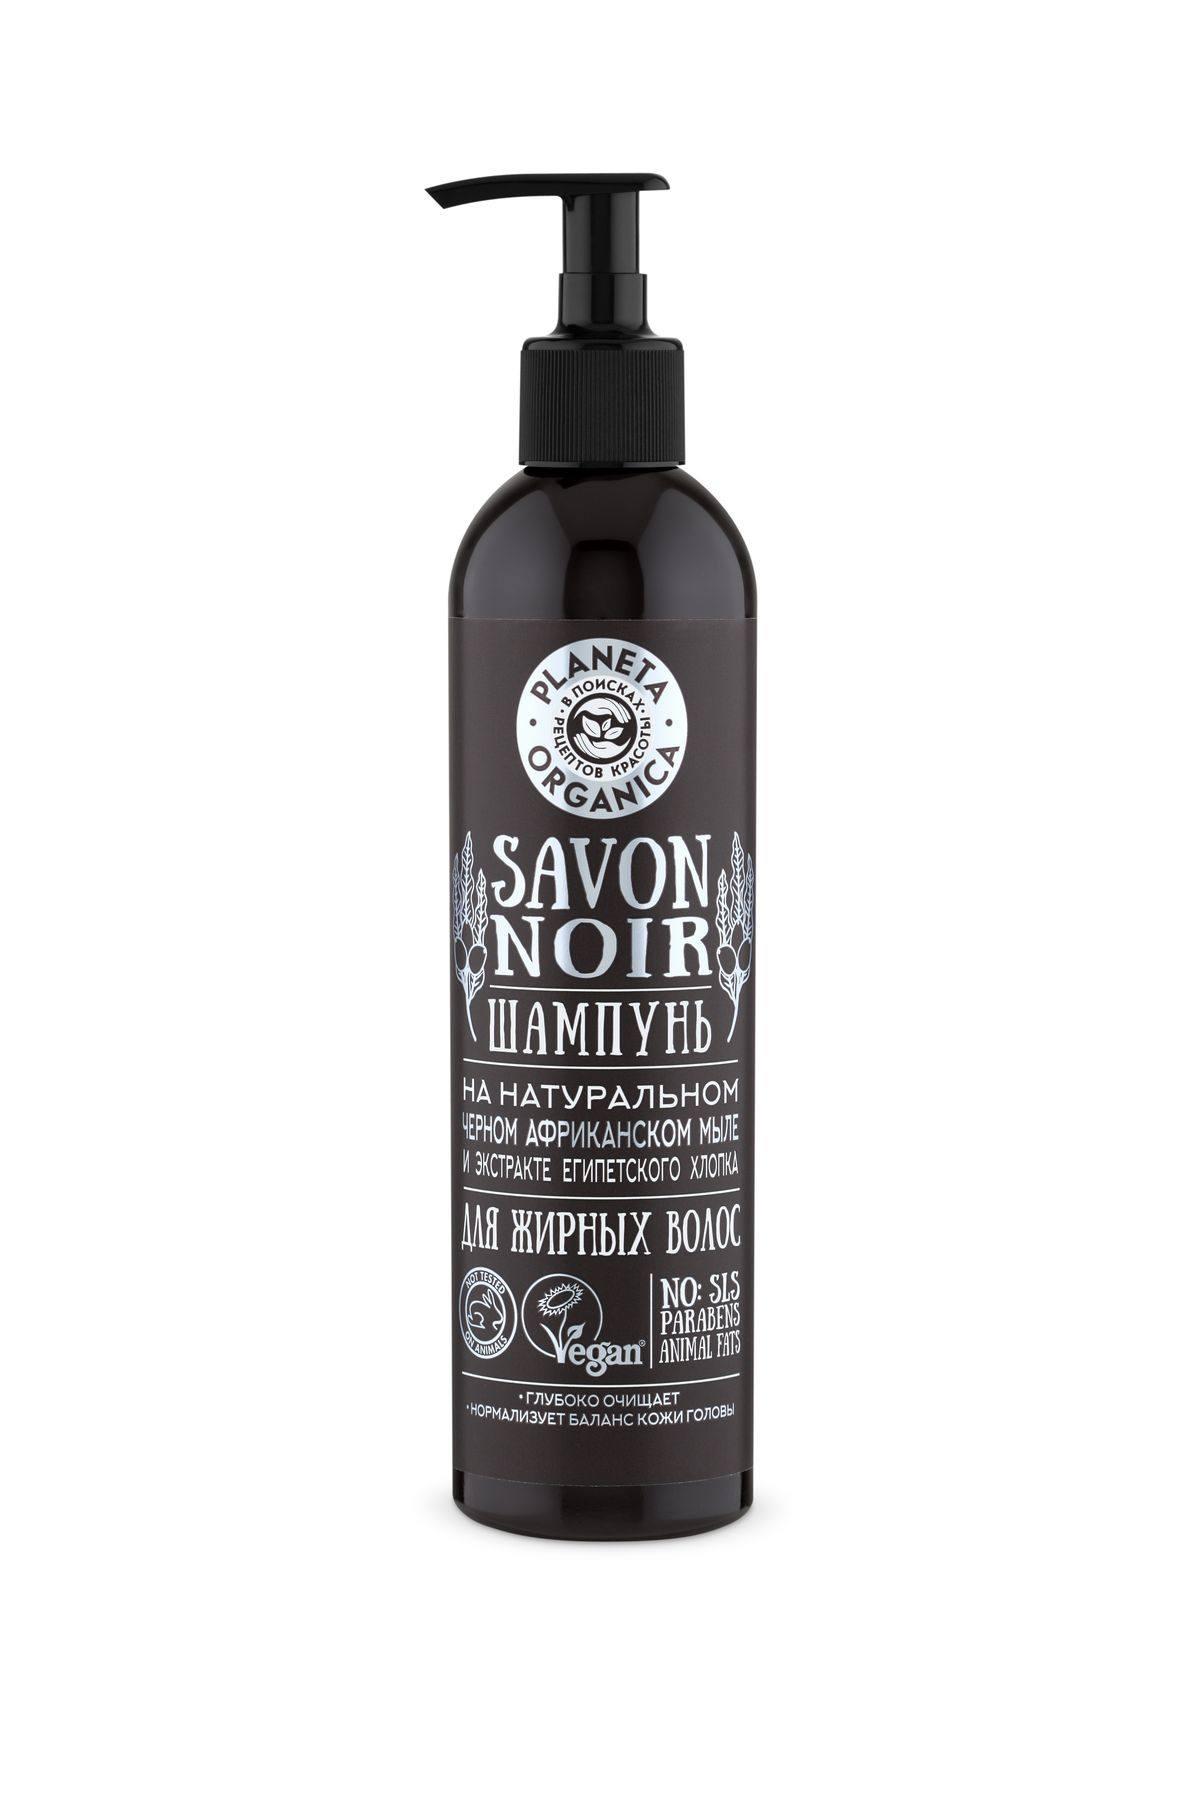 Купить Planeta Organica Savon de Шампунь для жирных волос Savon Noir, 400 мл (shop: Organic-shops Organic shops)